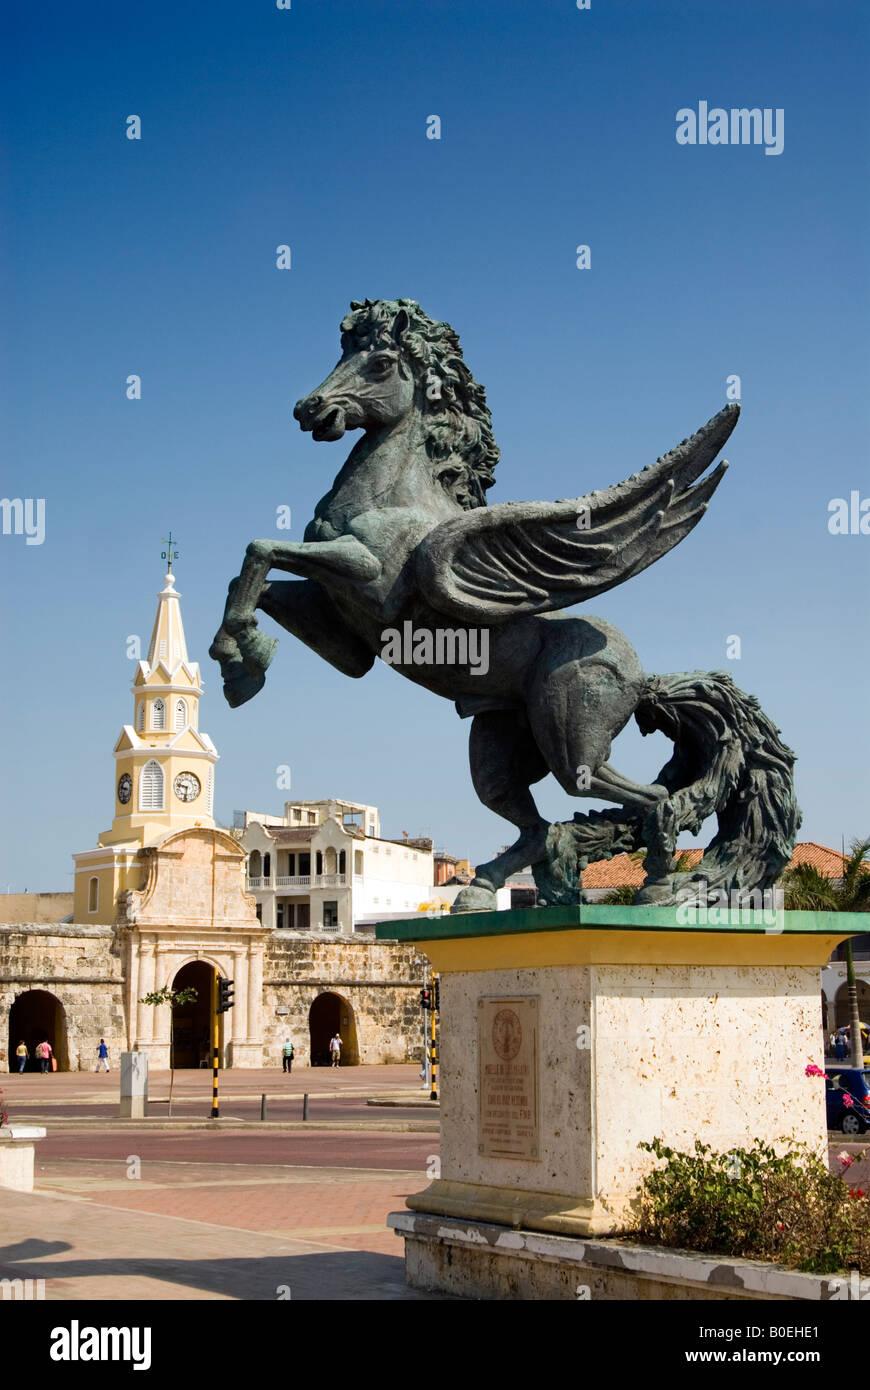 Statue of Pegasus on the Muelle de Los Pegasos by Hector Lombana Pineres Cartagena de Indias, Colombia - Stock Image